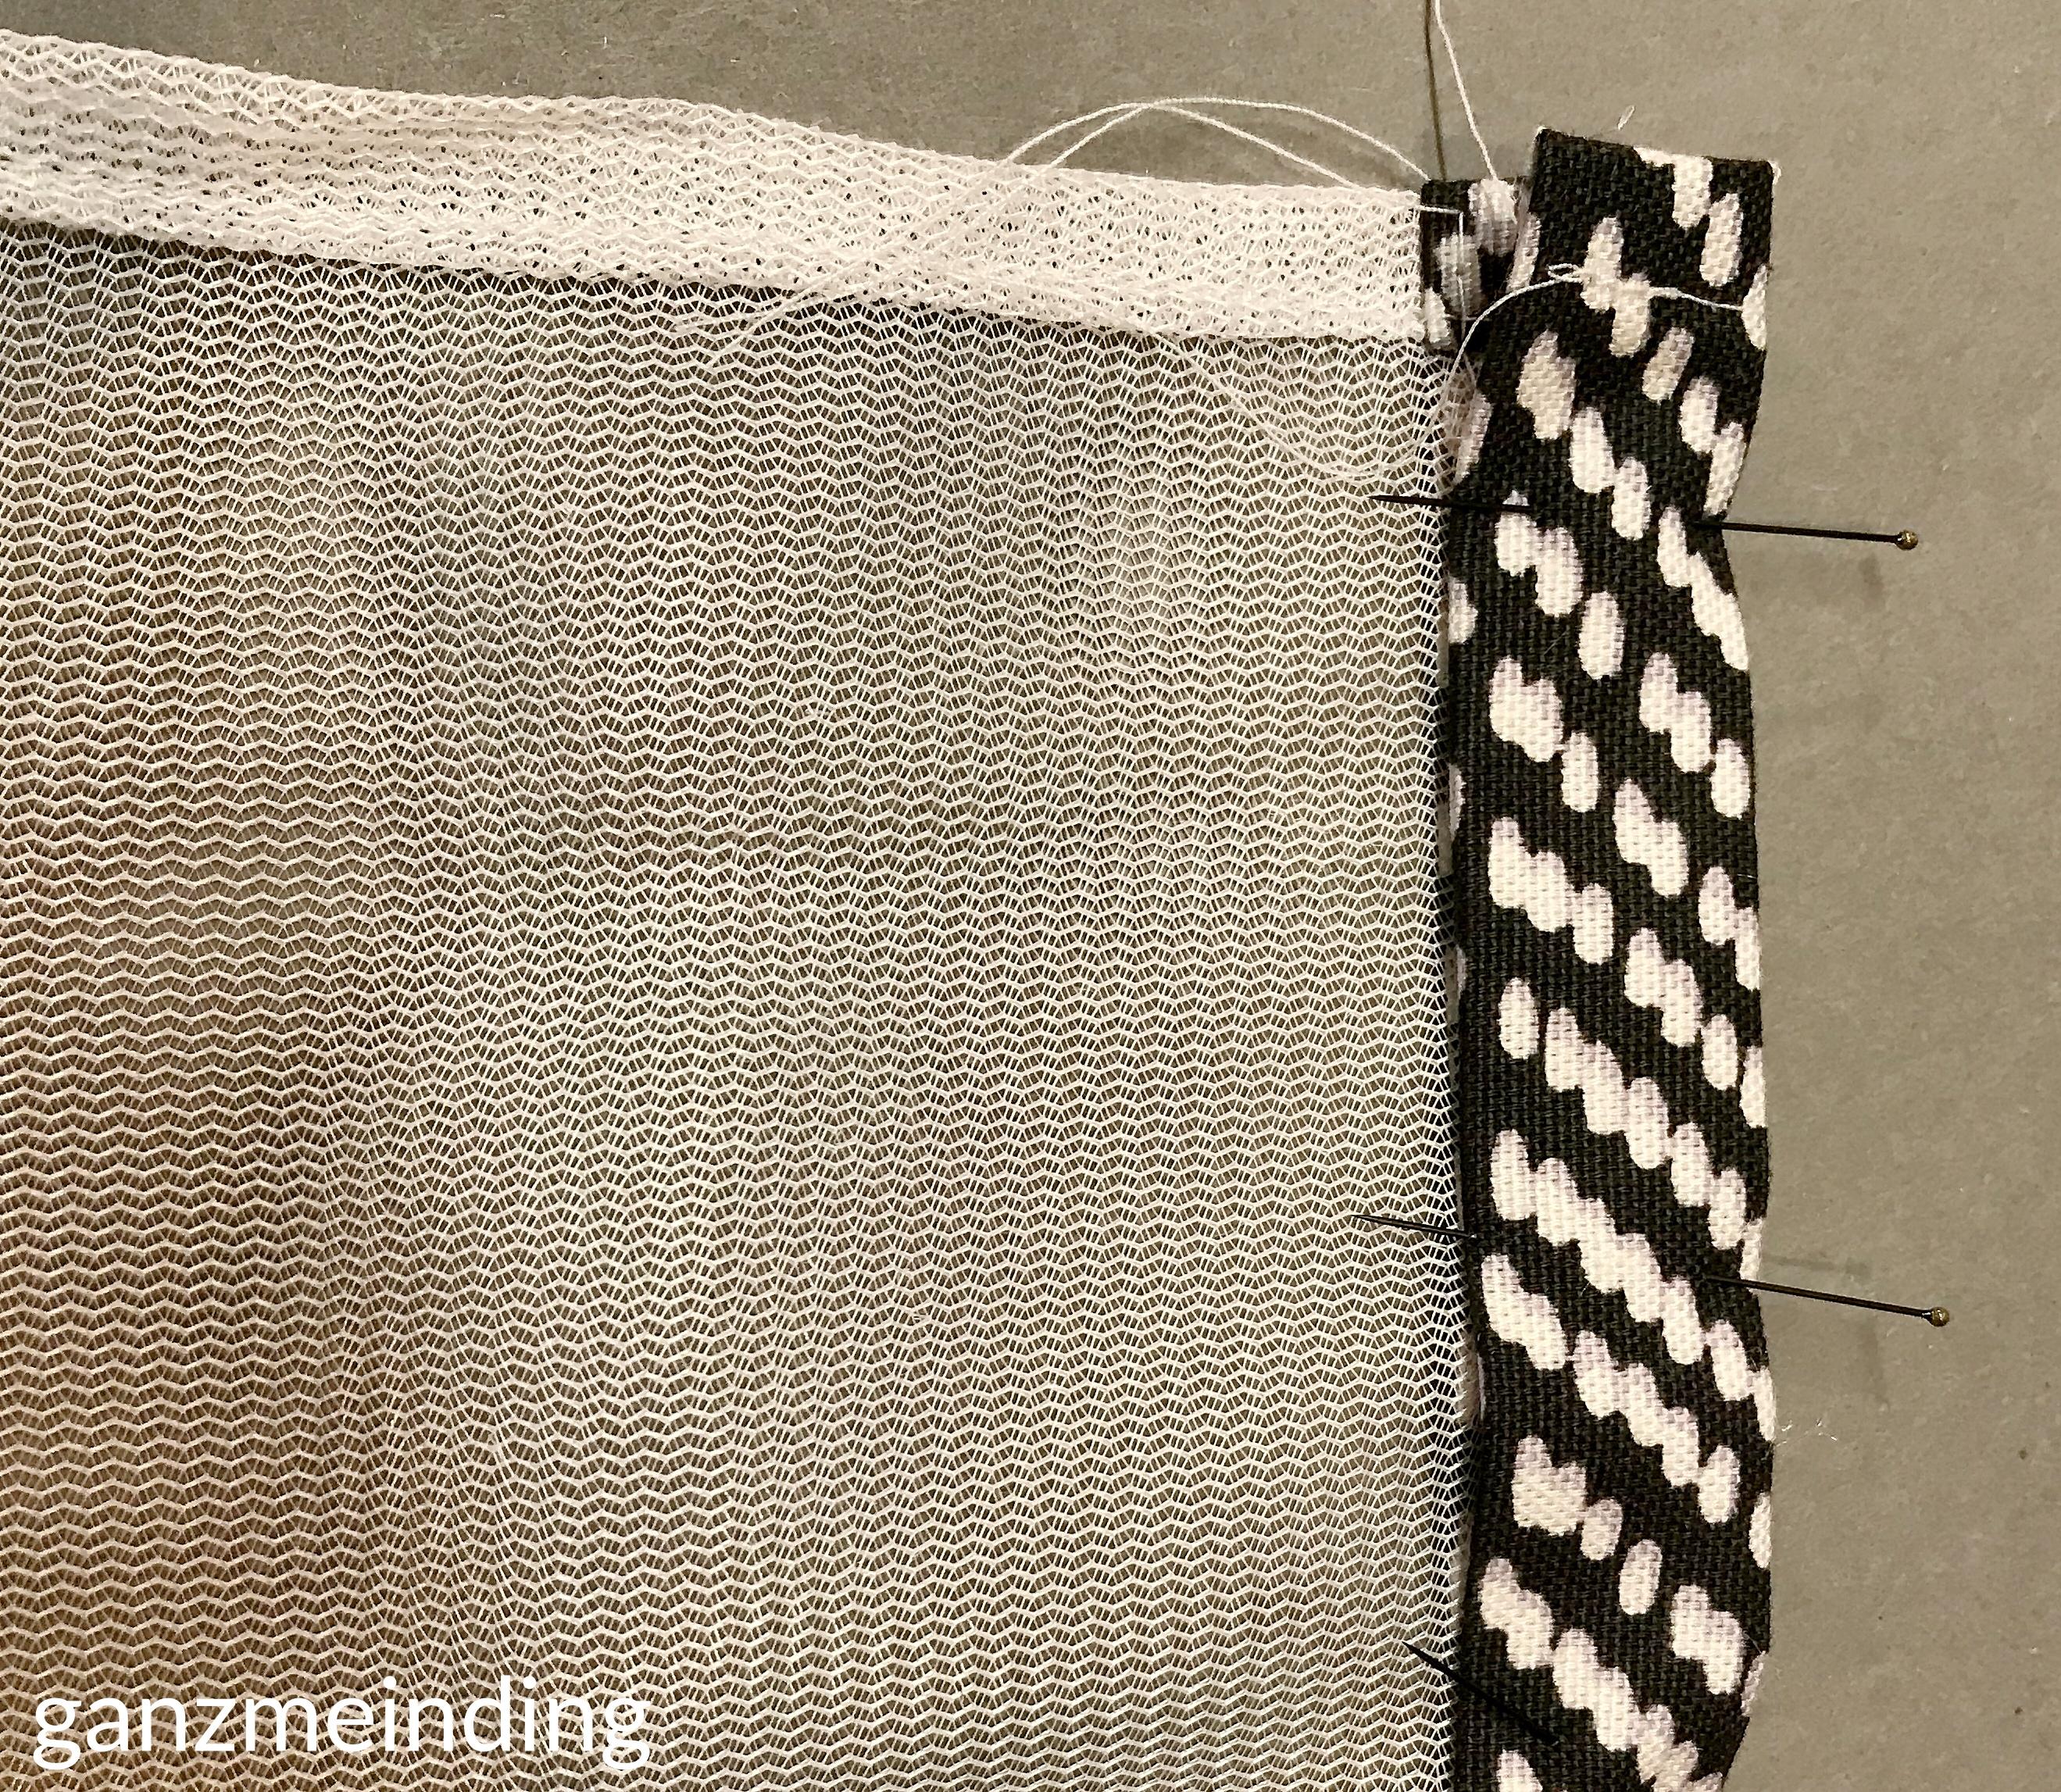 ganzmeinding: gratis Tutorial Seifensäckchen nähen, Seifen Haused Wolf 21